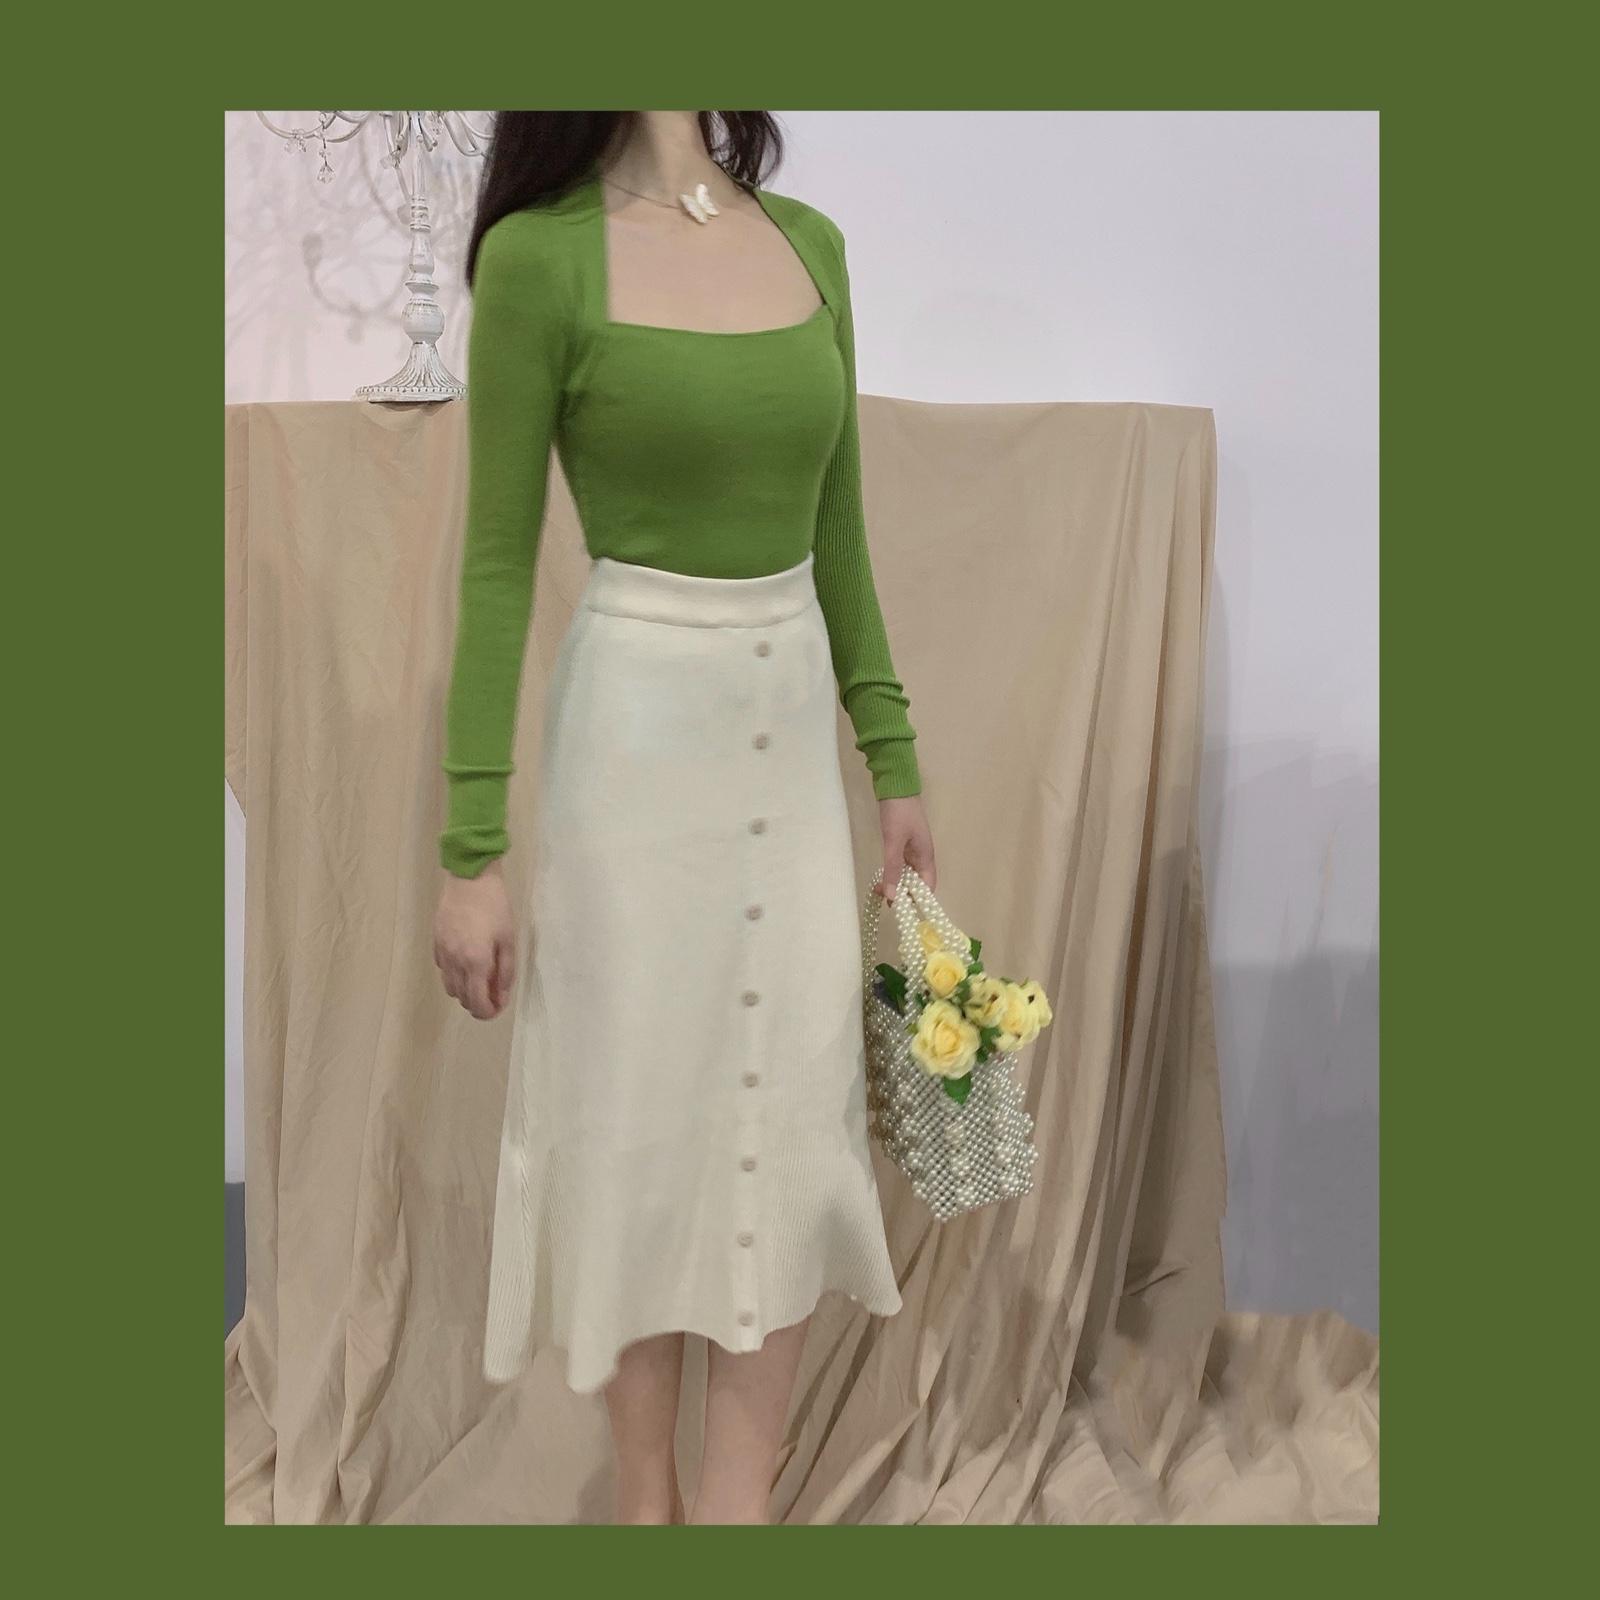 绿色针织衫 晚时光柔软显白斜方领绿色长袖针织衫_推荐淘宝好看的绿色针织衫